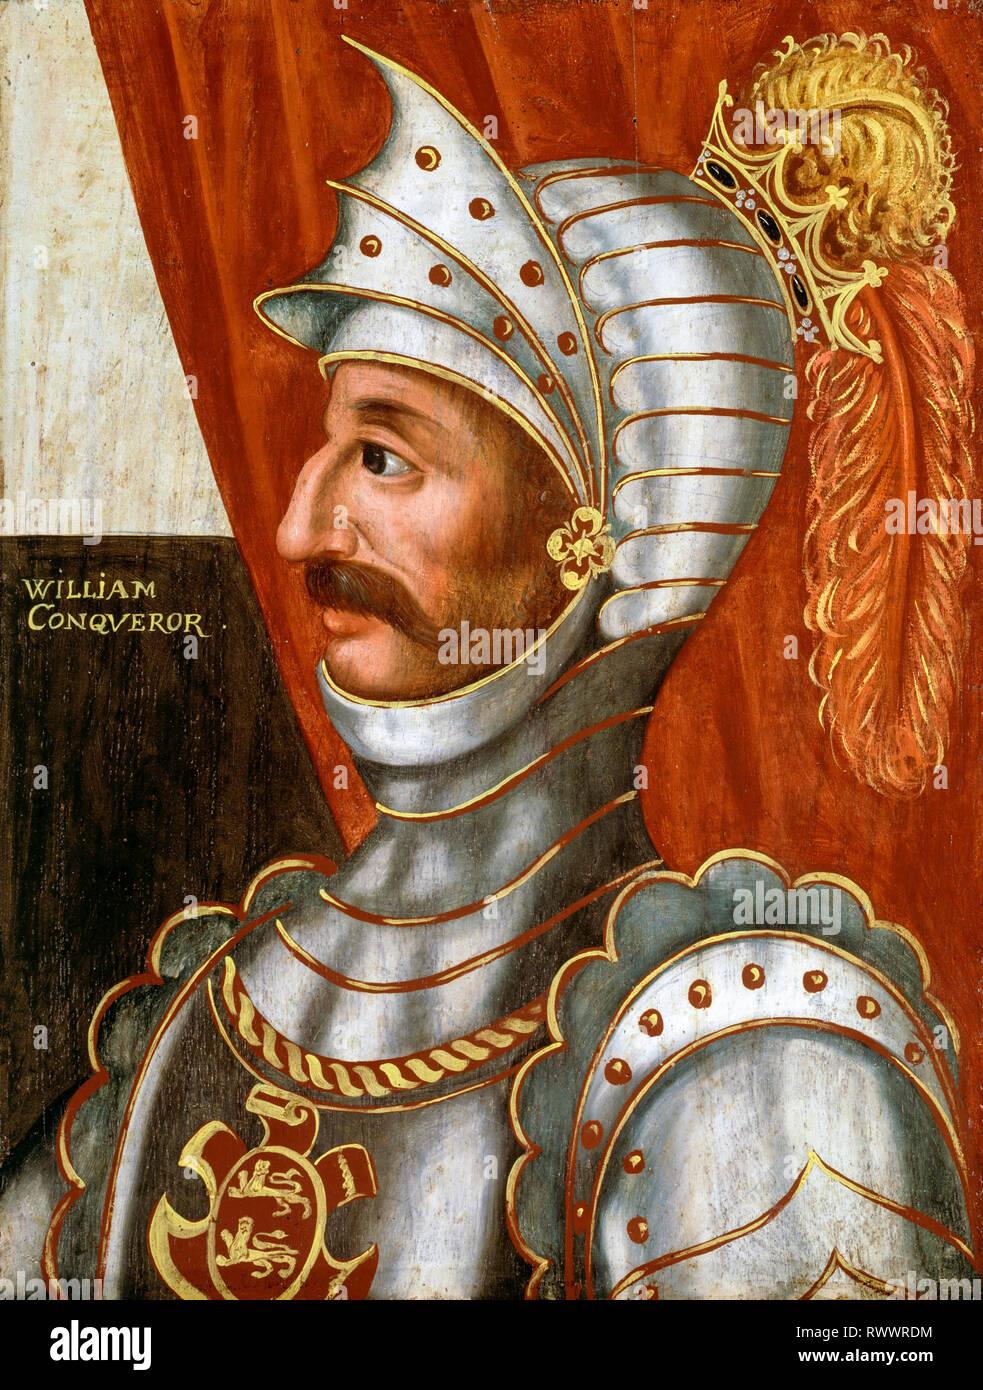 William the Conqueror (c.1028-1087), portrait painting, c. 1618-1620 - Stock Image